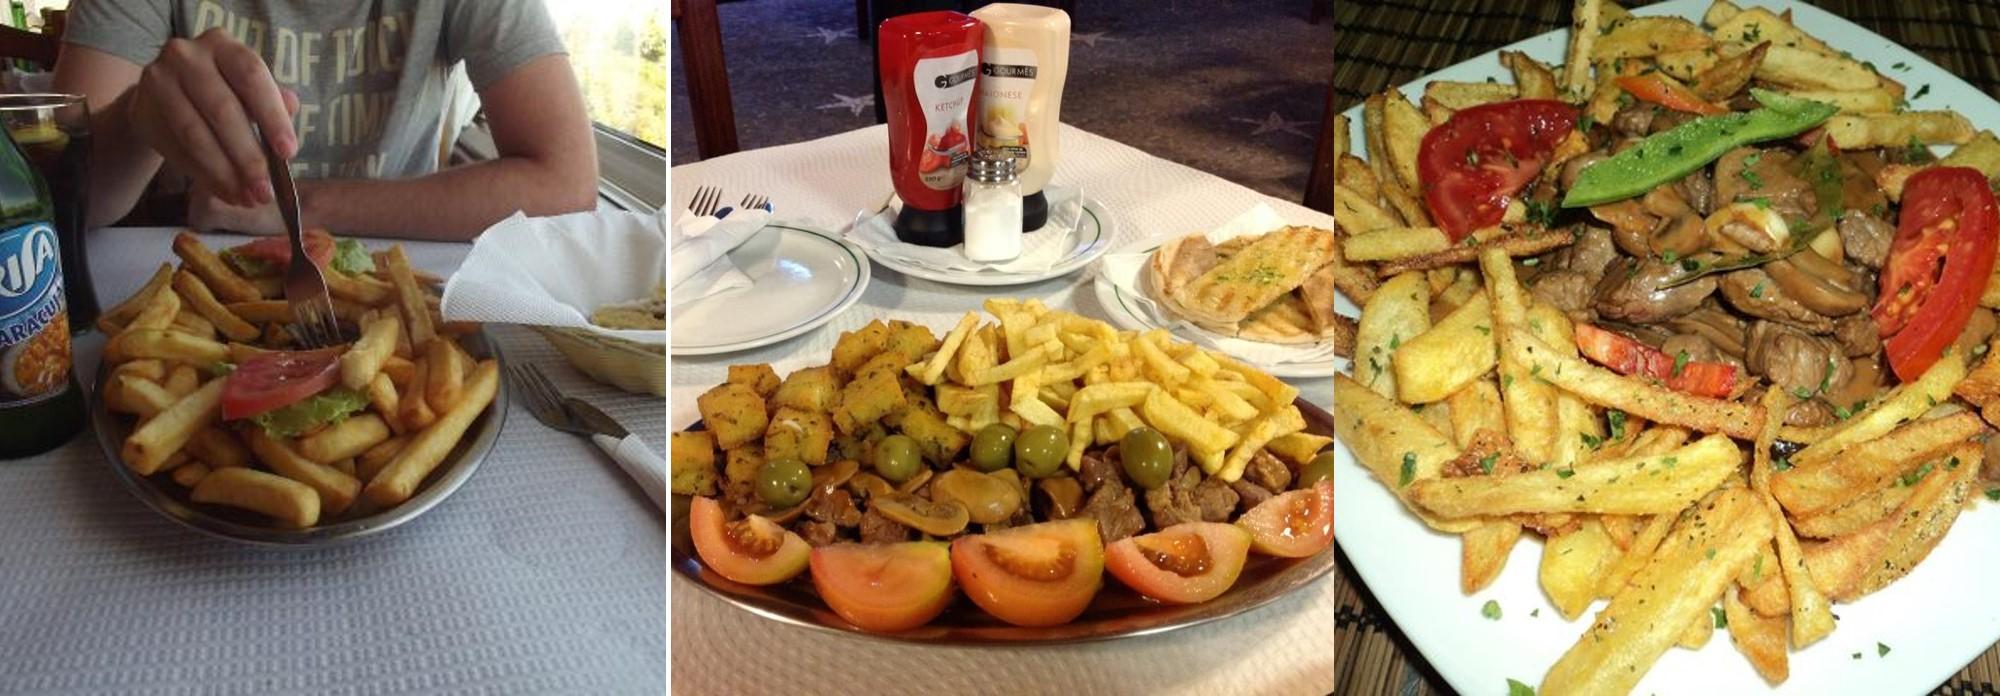 picado a madeirense picadinho Madeira Portugal Recipe